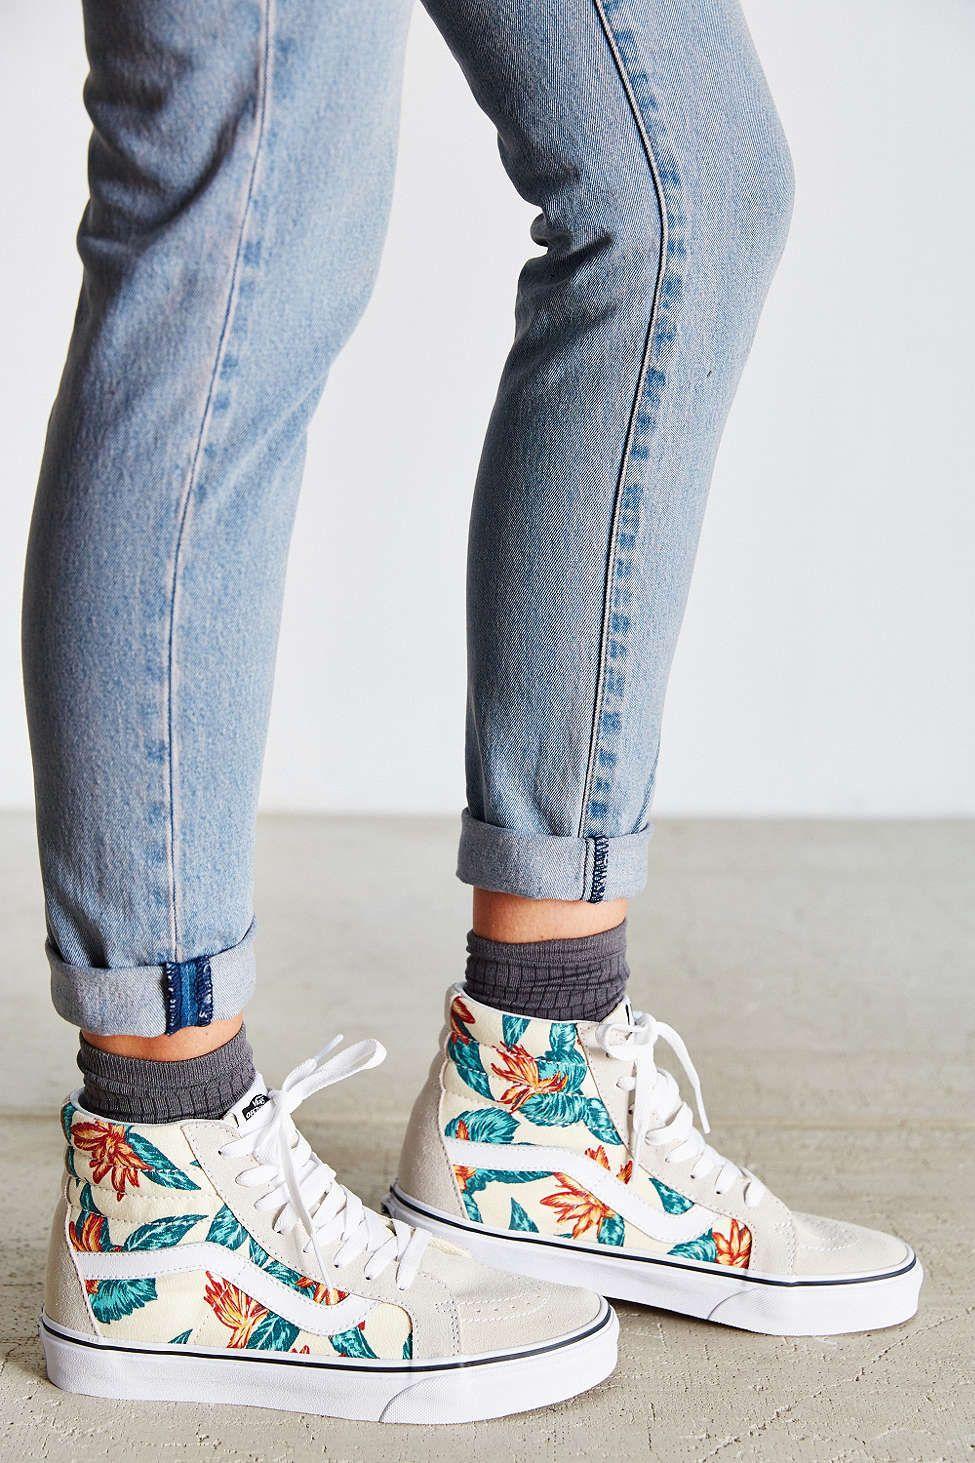 Vans Sk8-Hi Reissue Vintage Aloha Sneaker - Urban Outfitters ...